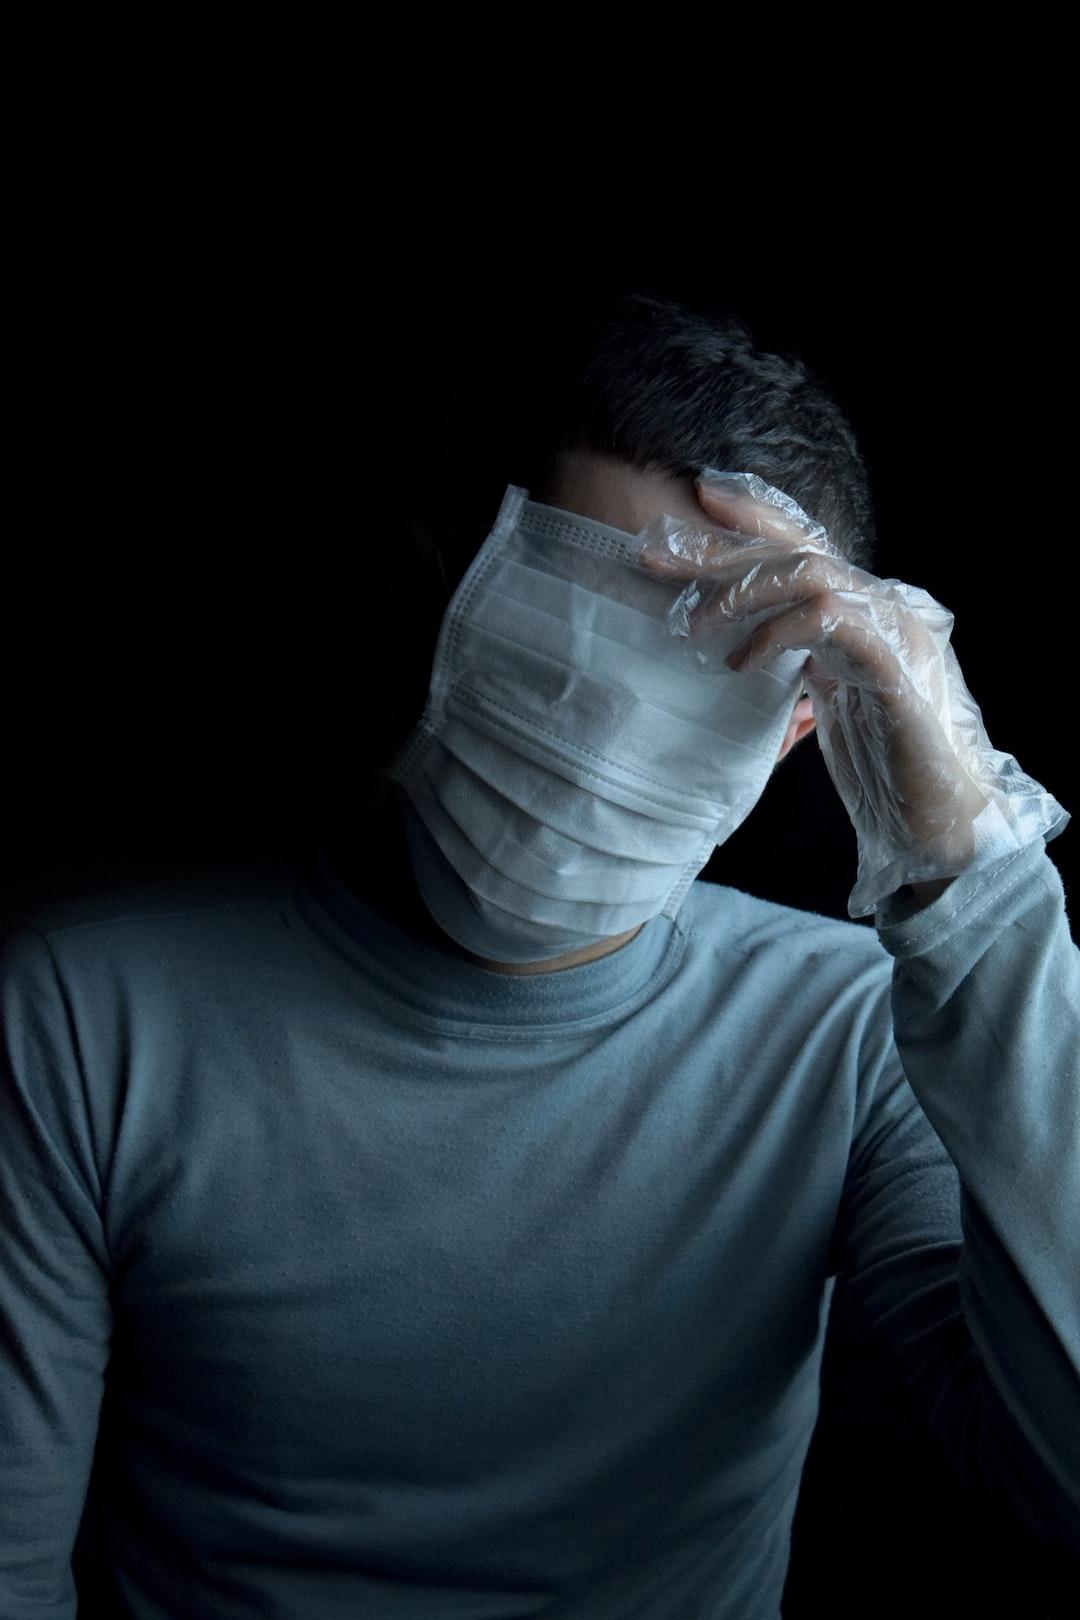 Четверте блокування Мельбурна: Вікторія заблокована на сім днів з півночі, мутантний штам B161 є більш заразним